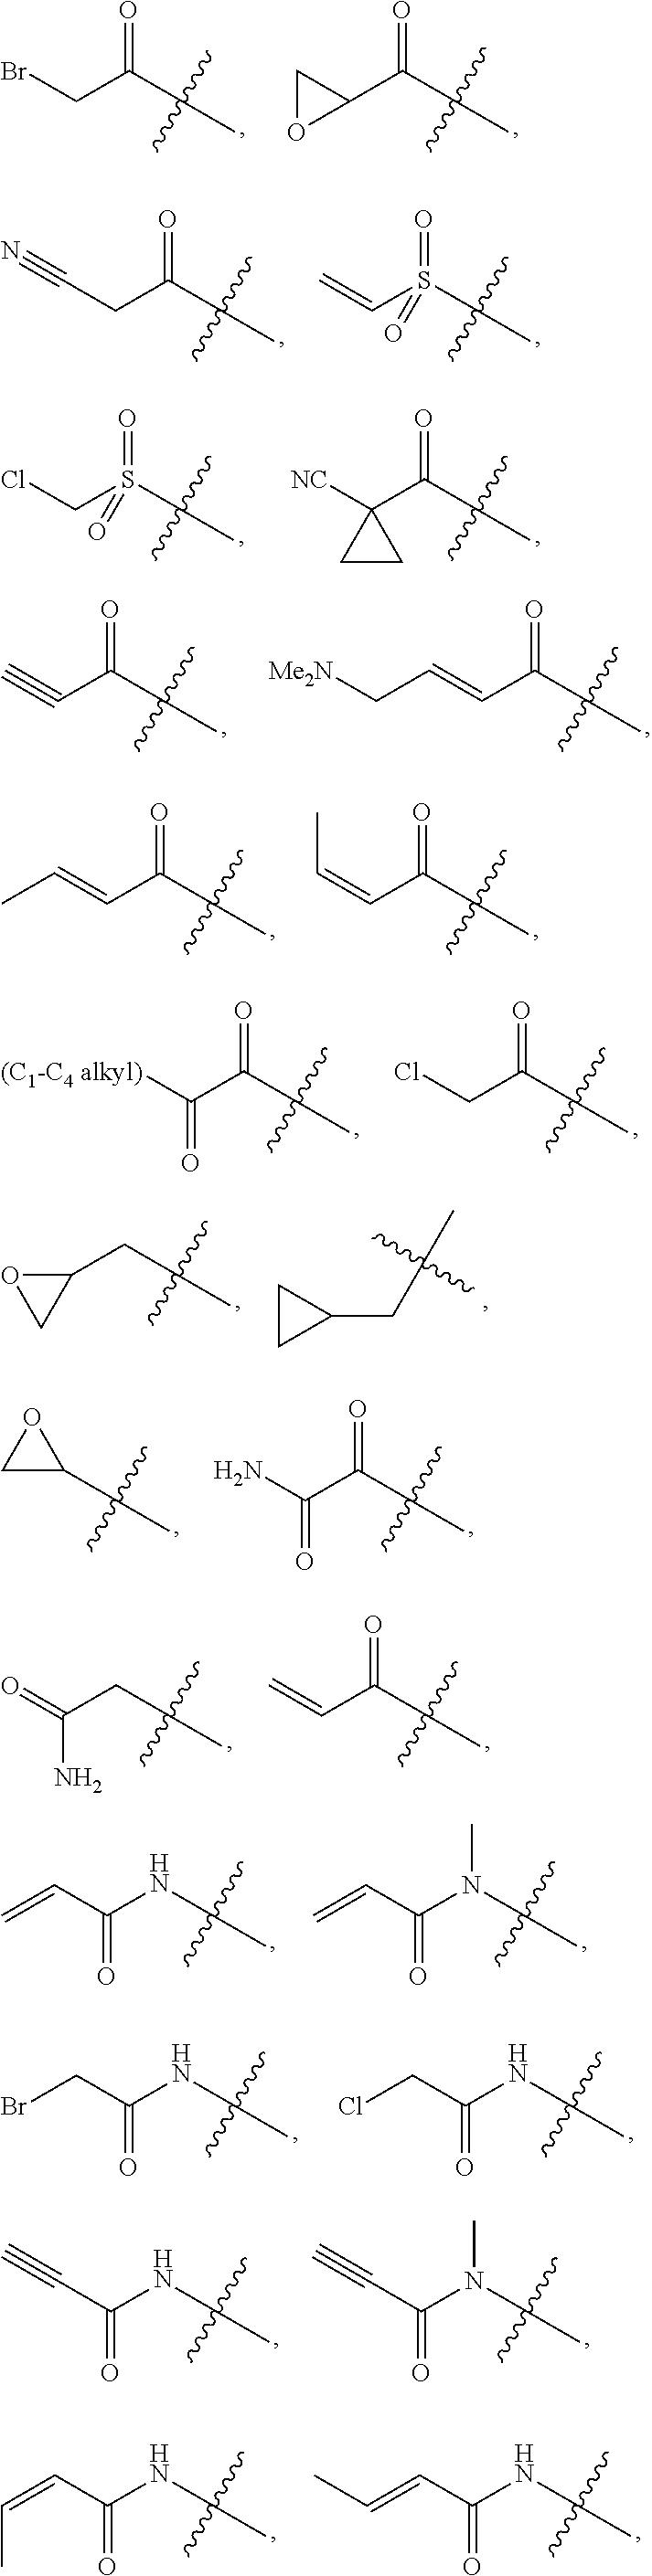 Figure US09856279-20180102-C00007